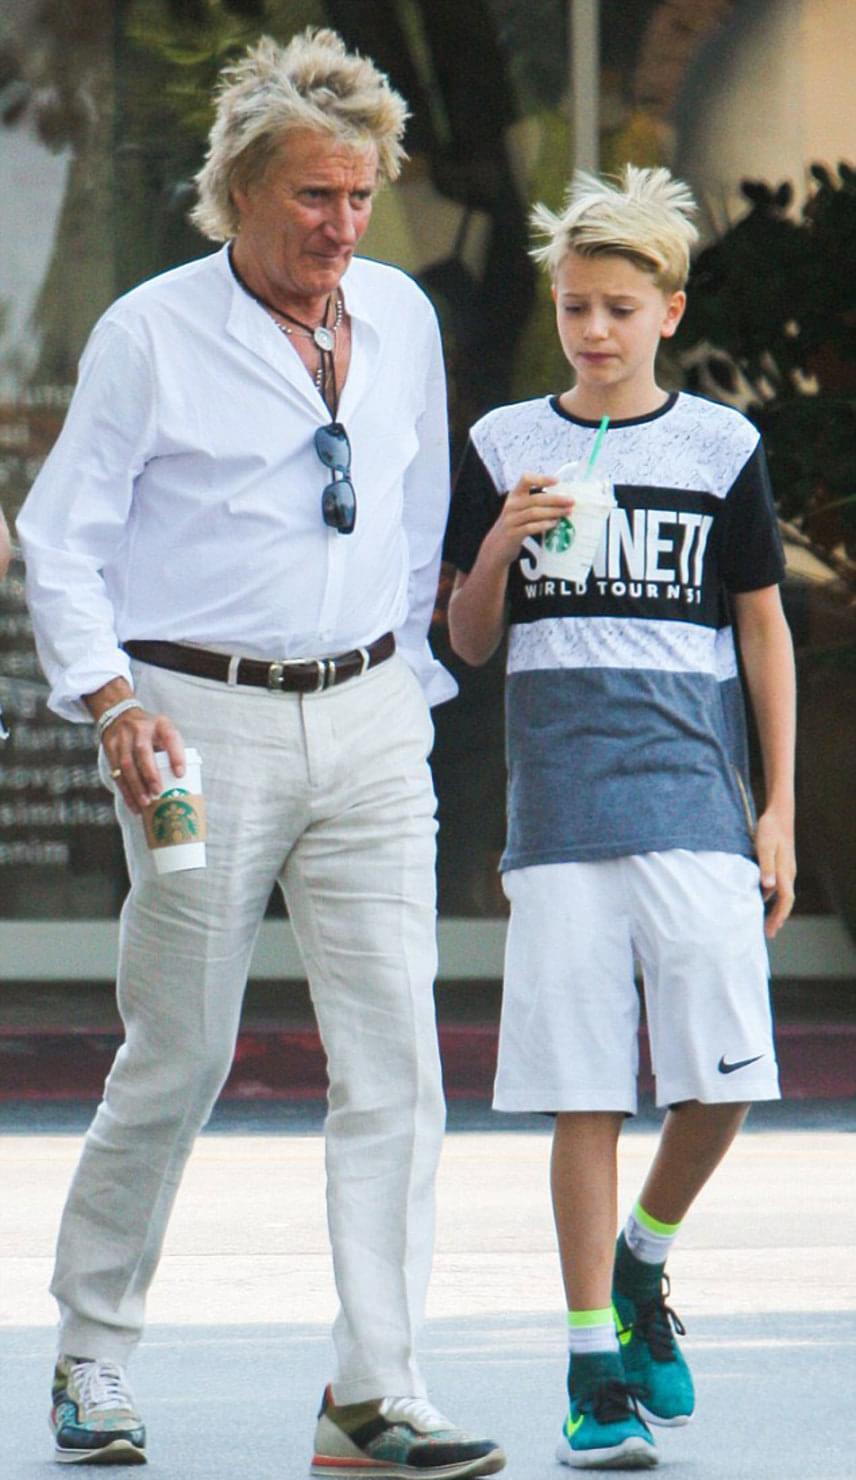 A 72 éves Rod Stewart 11 éves fiával, Alastairrel ment kávézni Beverly Hills-ben, akkor kapták őket lencsevégre a lesifotósok. A kamaszfiú jó érzékkel másolta le édesapja különleges frizuráját, ami rekedt hangja mellett a másik védjegyévé vált.